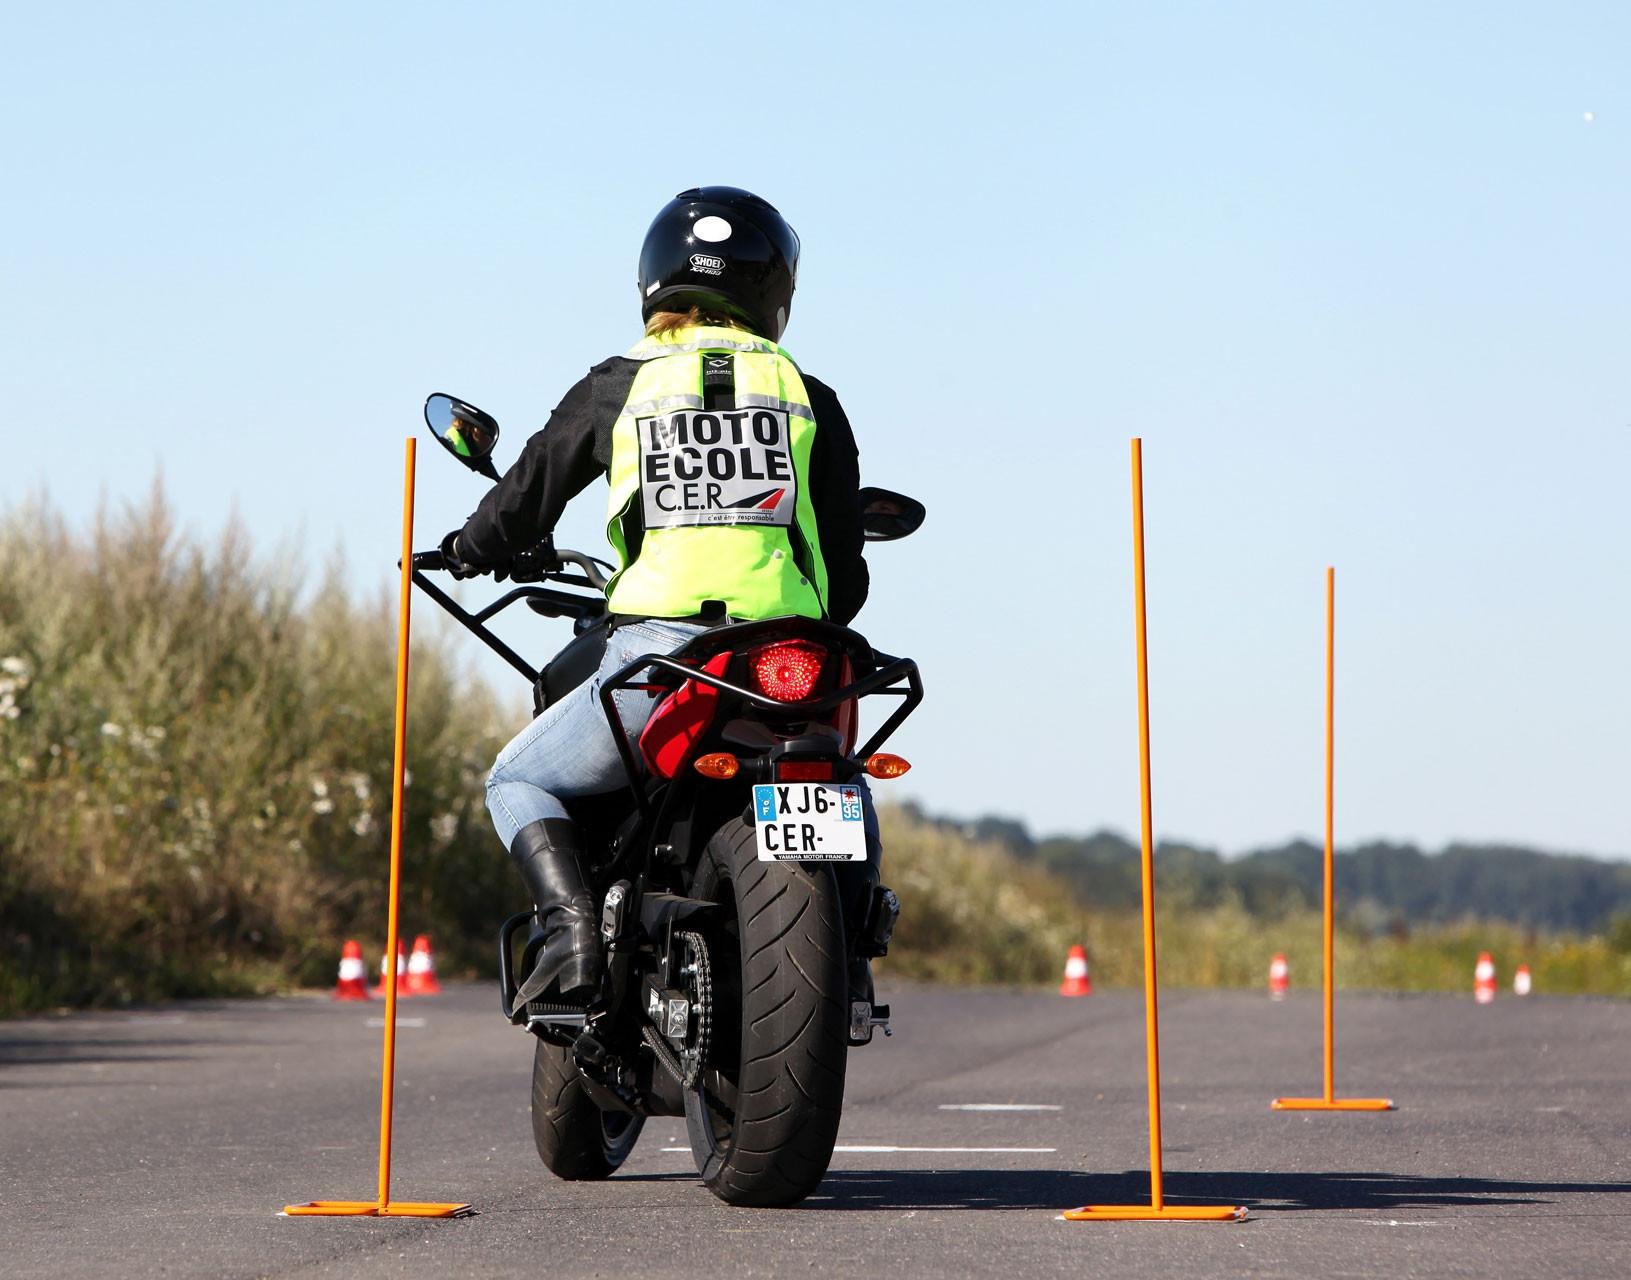 Permis moto cylindrée